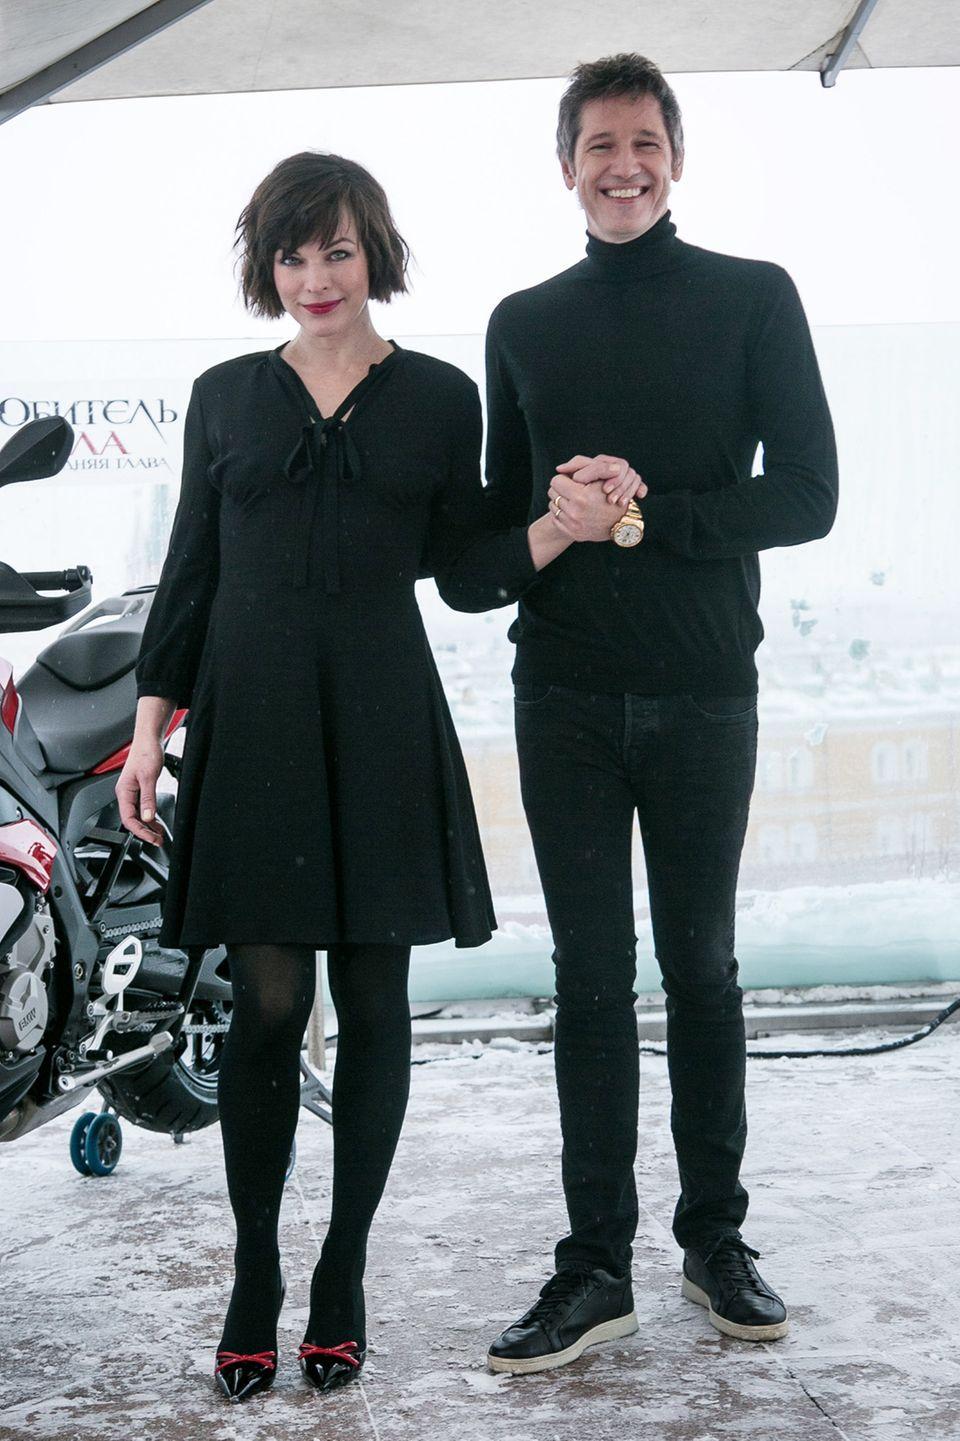 Herzerweichend komisch ist die Paar-Pose von Milla Jovovich und ihrem Mann Paul W.S. Anderson.